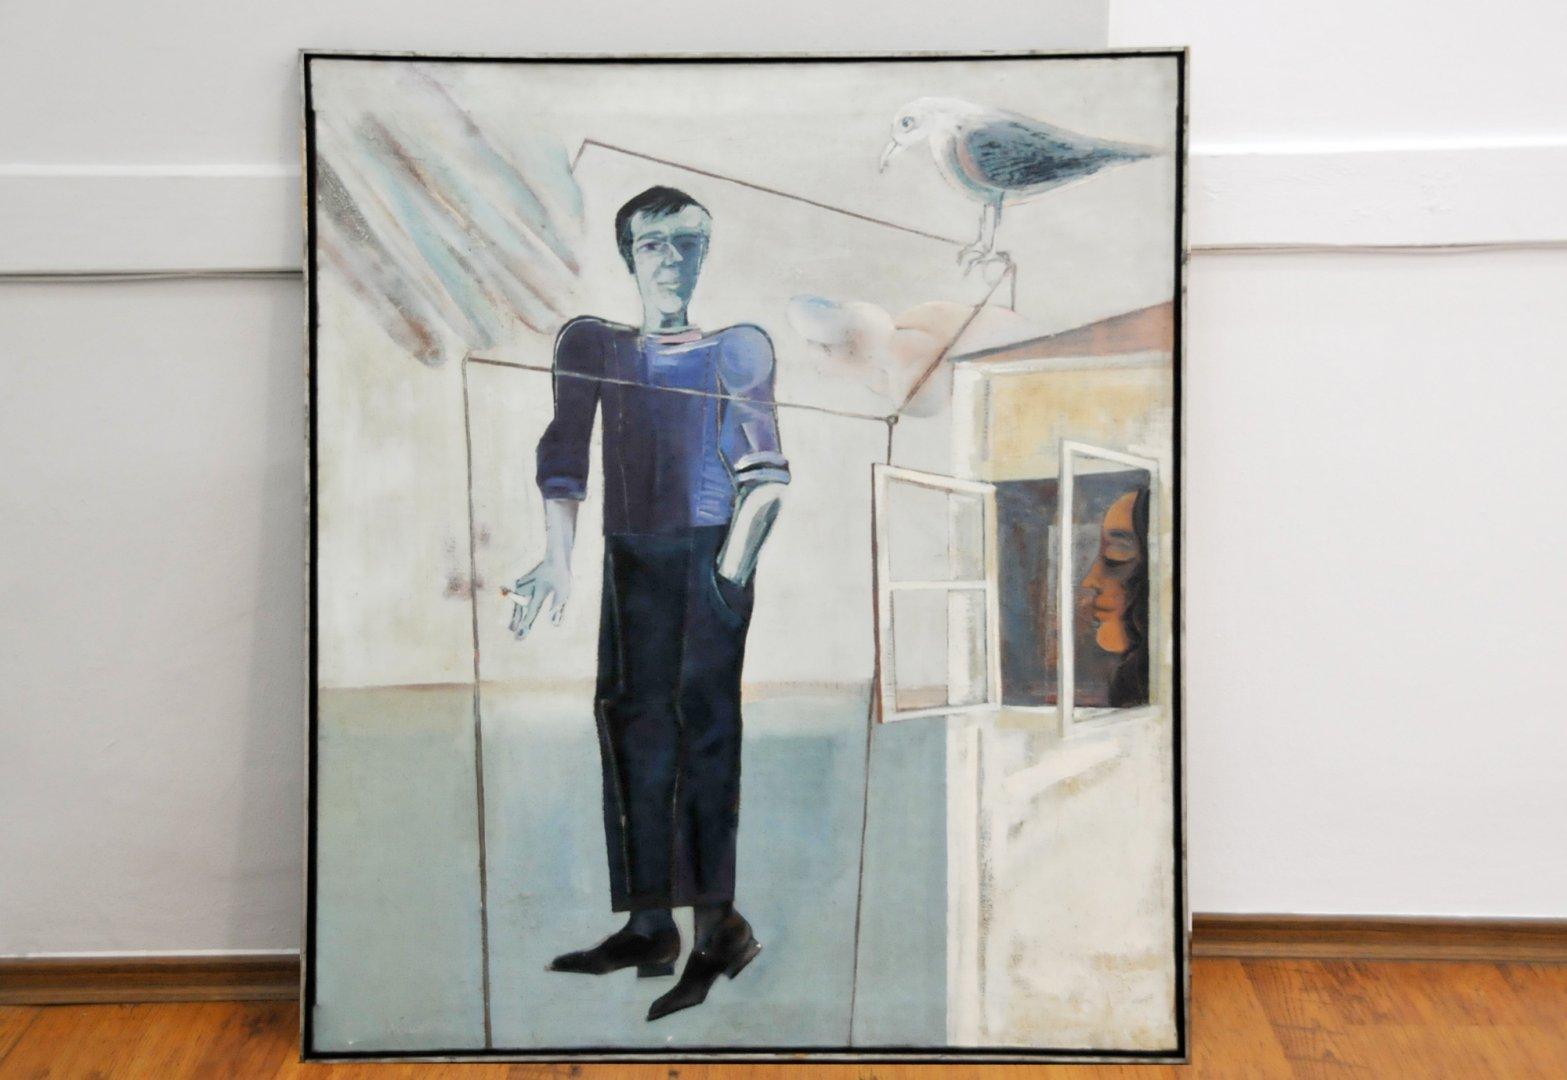 Портретът на Христо Фотев е една от картините на Стоян Цанев, които са включени в изложбата. Снимки Лина Главинова